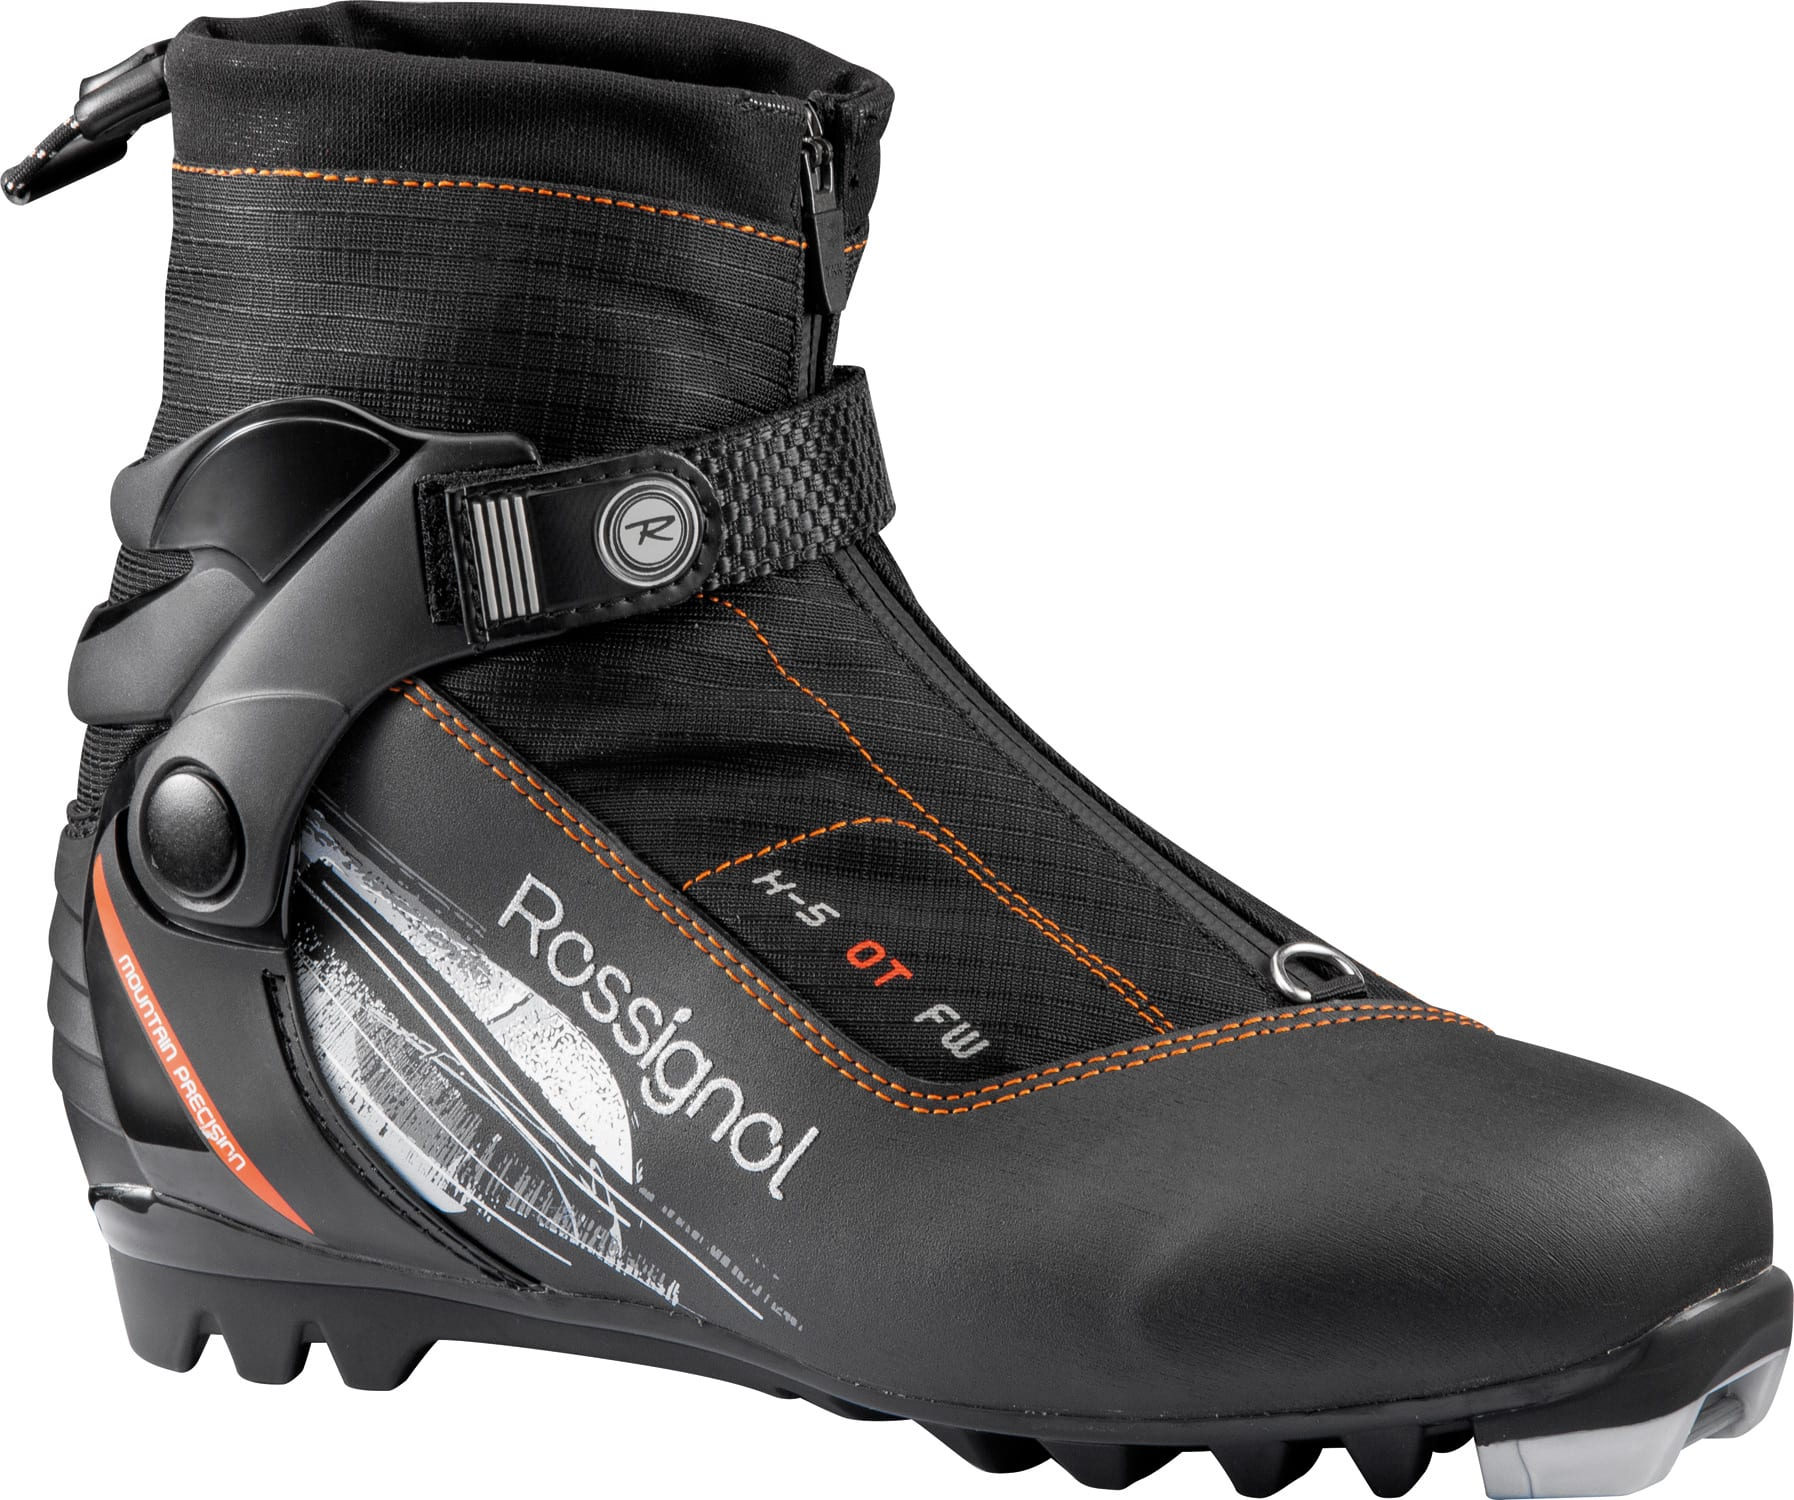 Rossignol X-5 OT XC Ski Boots Mens